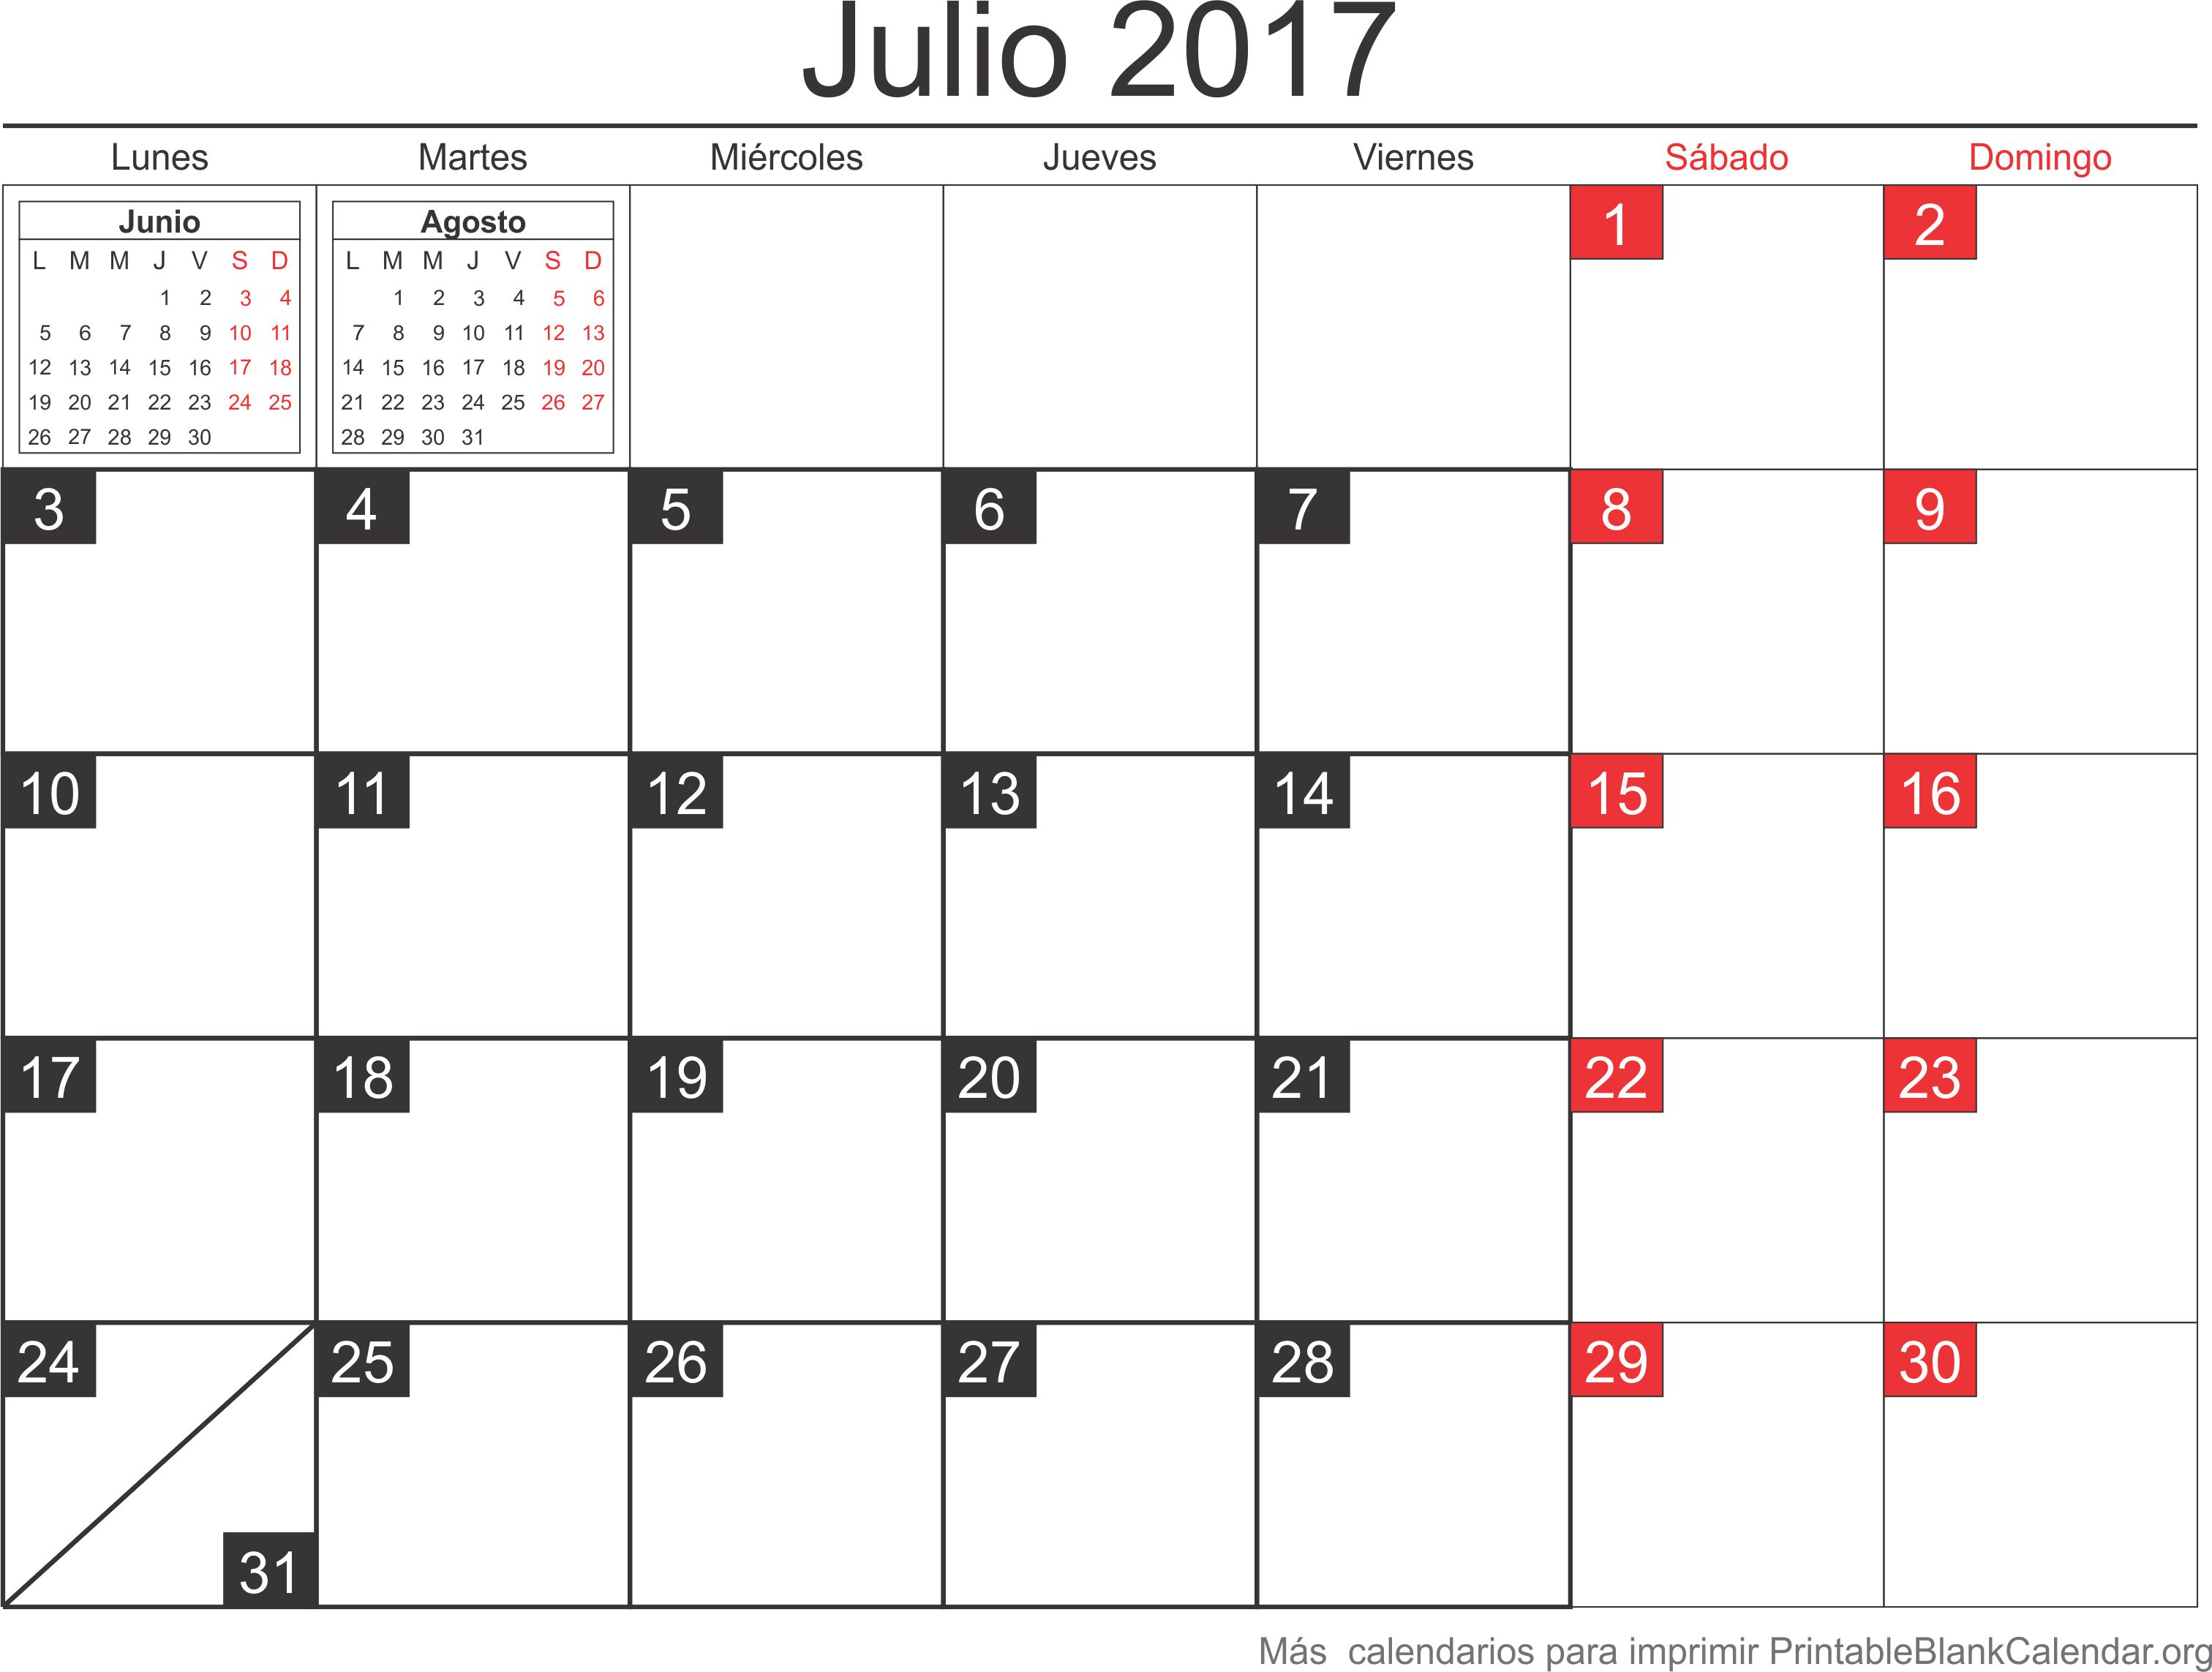 julio 2017 agenda